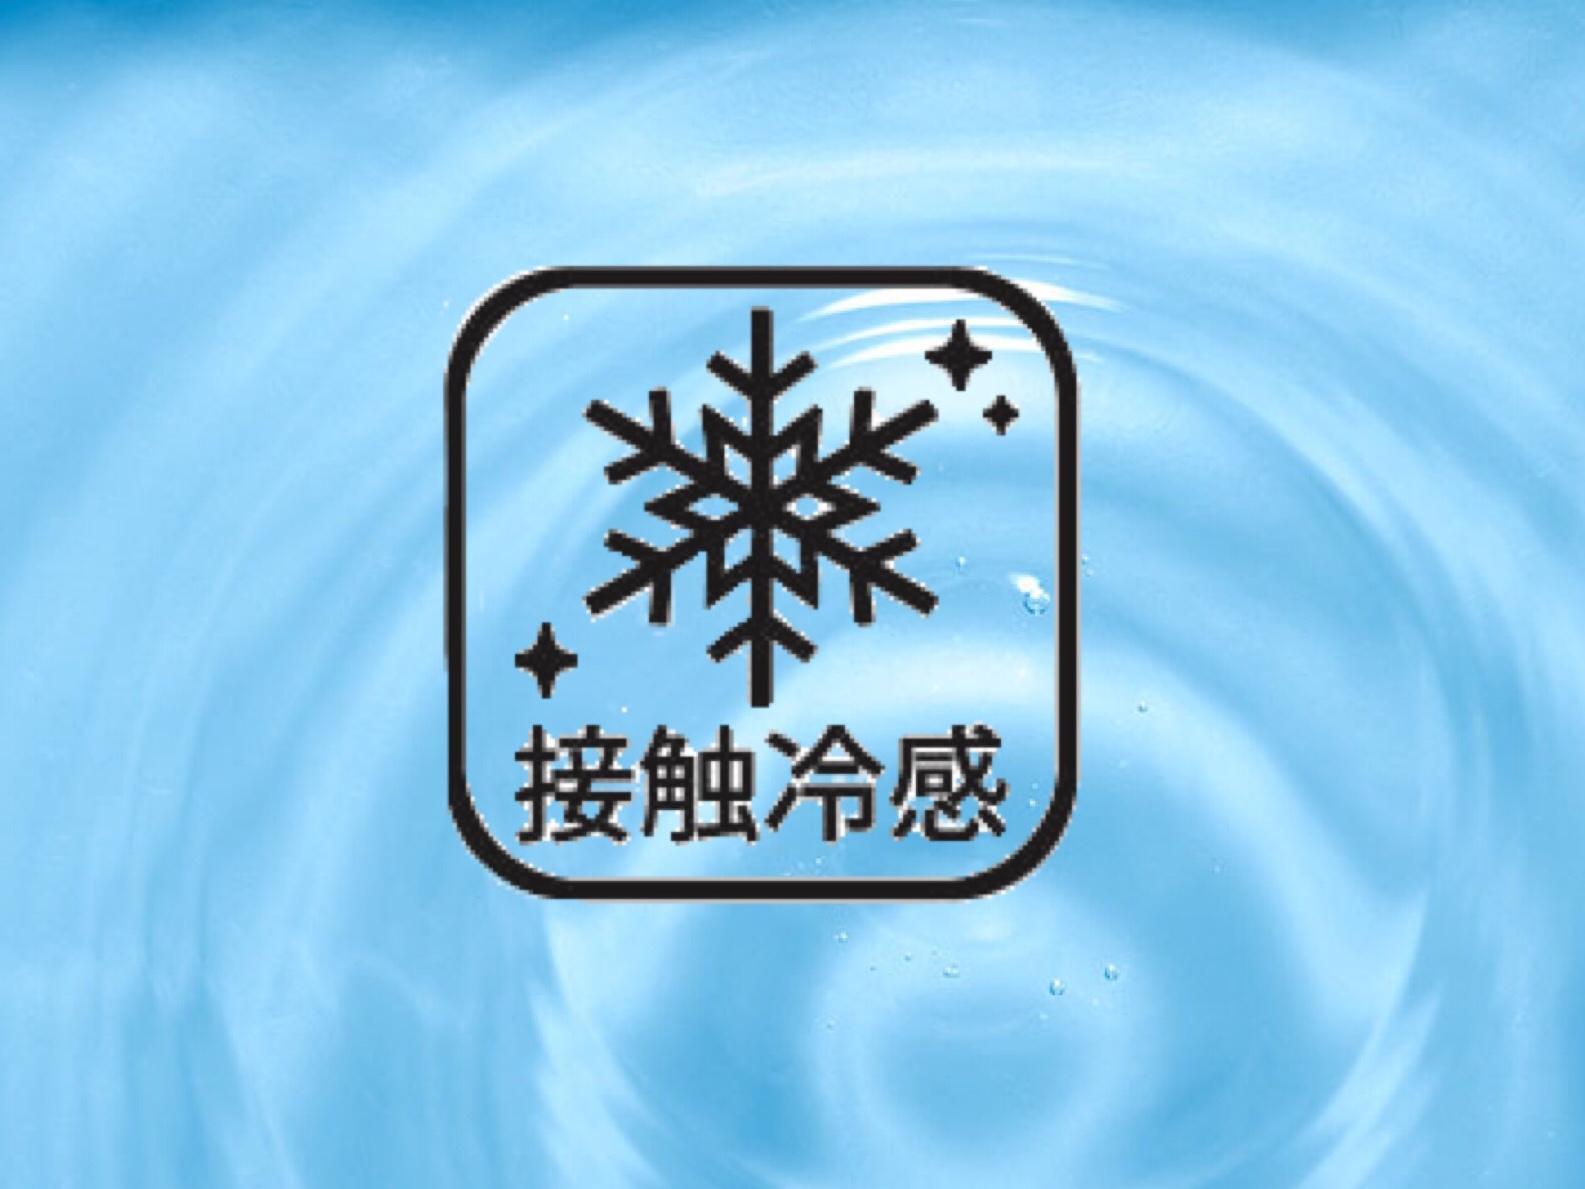 【接触冷感】【マスク向け】~涼しさもオシャレも実現する<br>様々な風合いの服地をご紹介~